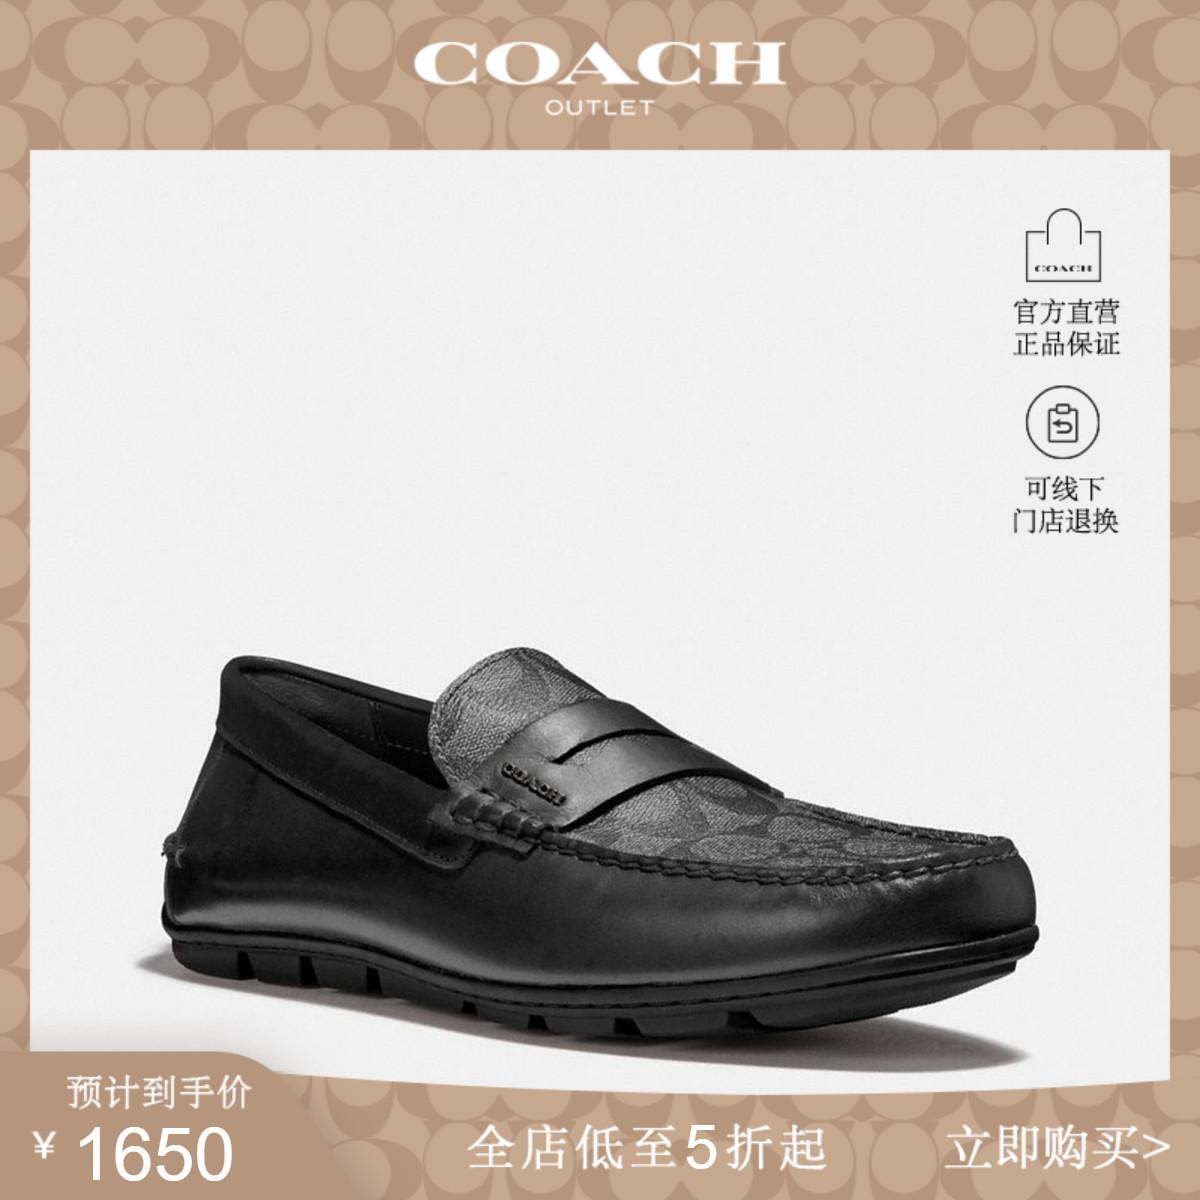 船鞋时尚休闲鞋百搭一脚蹬舒适懒人鞋黑色MOTT蔻驰男士COACH